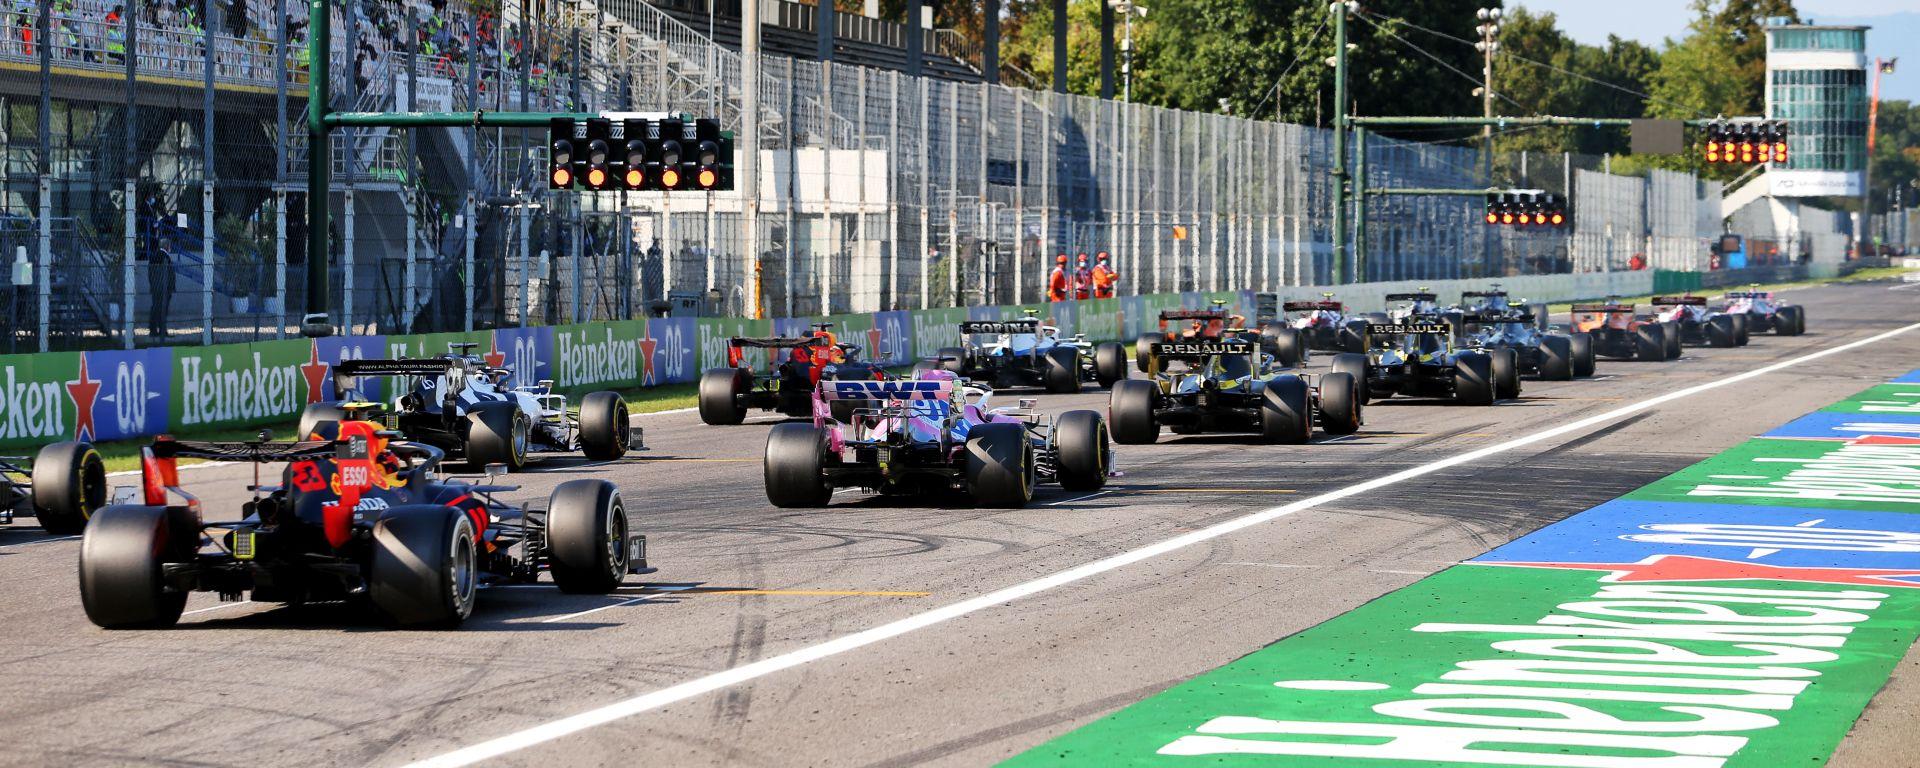 F1 GP Italia 2020, Monza: la seconda partenza della gara